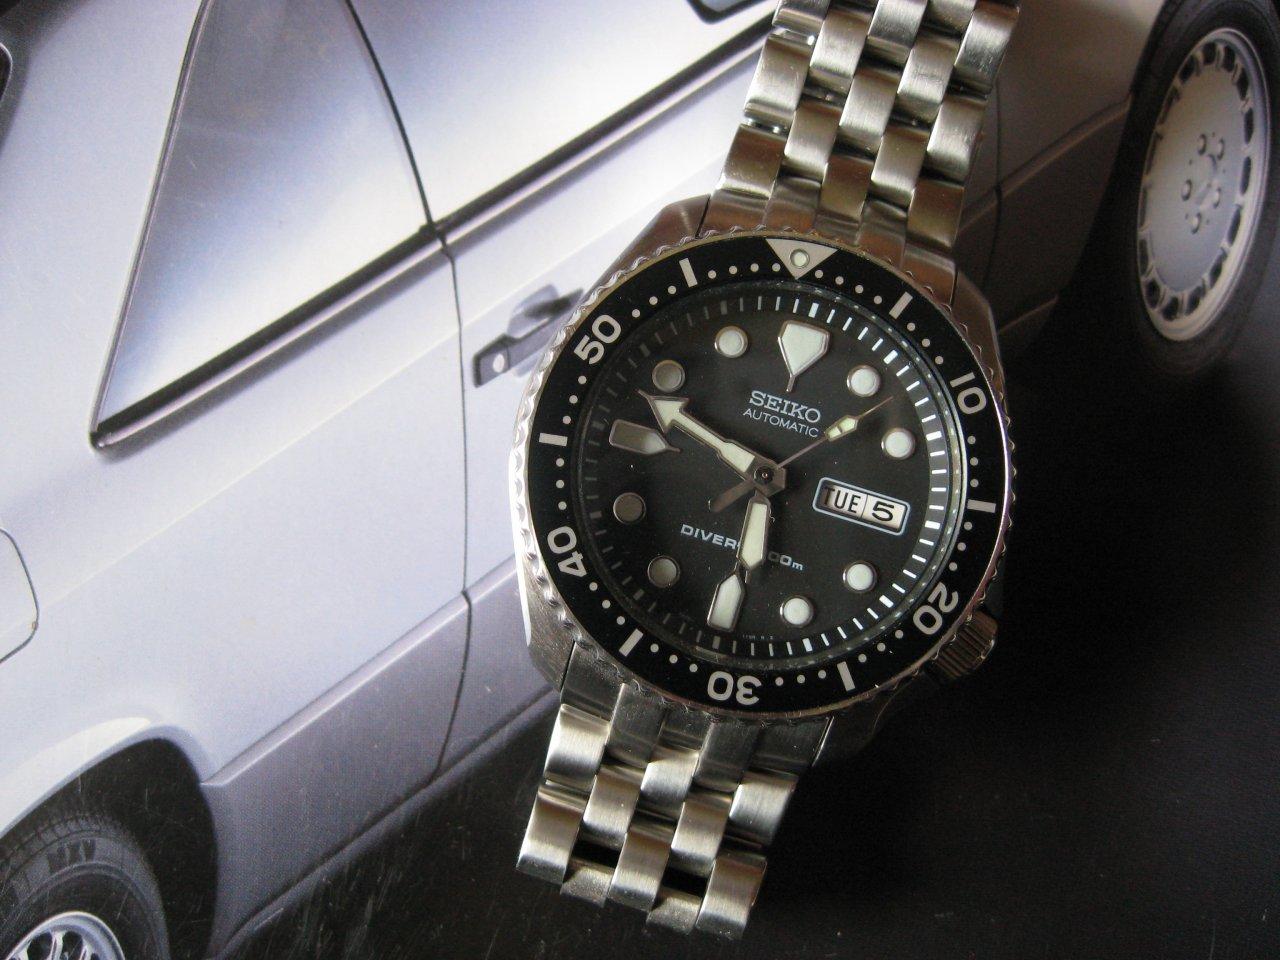 diver-i-bulova-skx007p-001.jpg